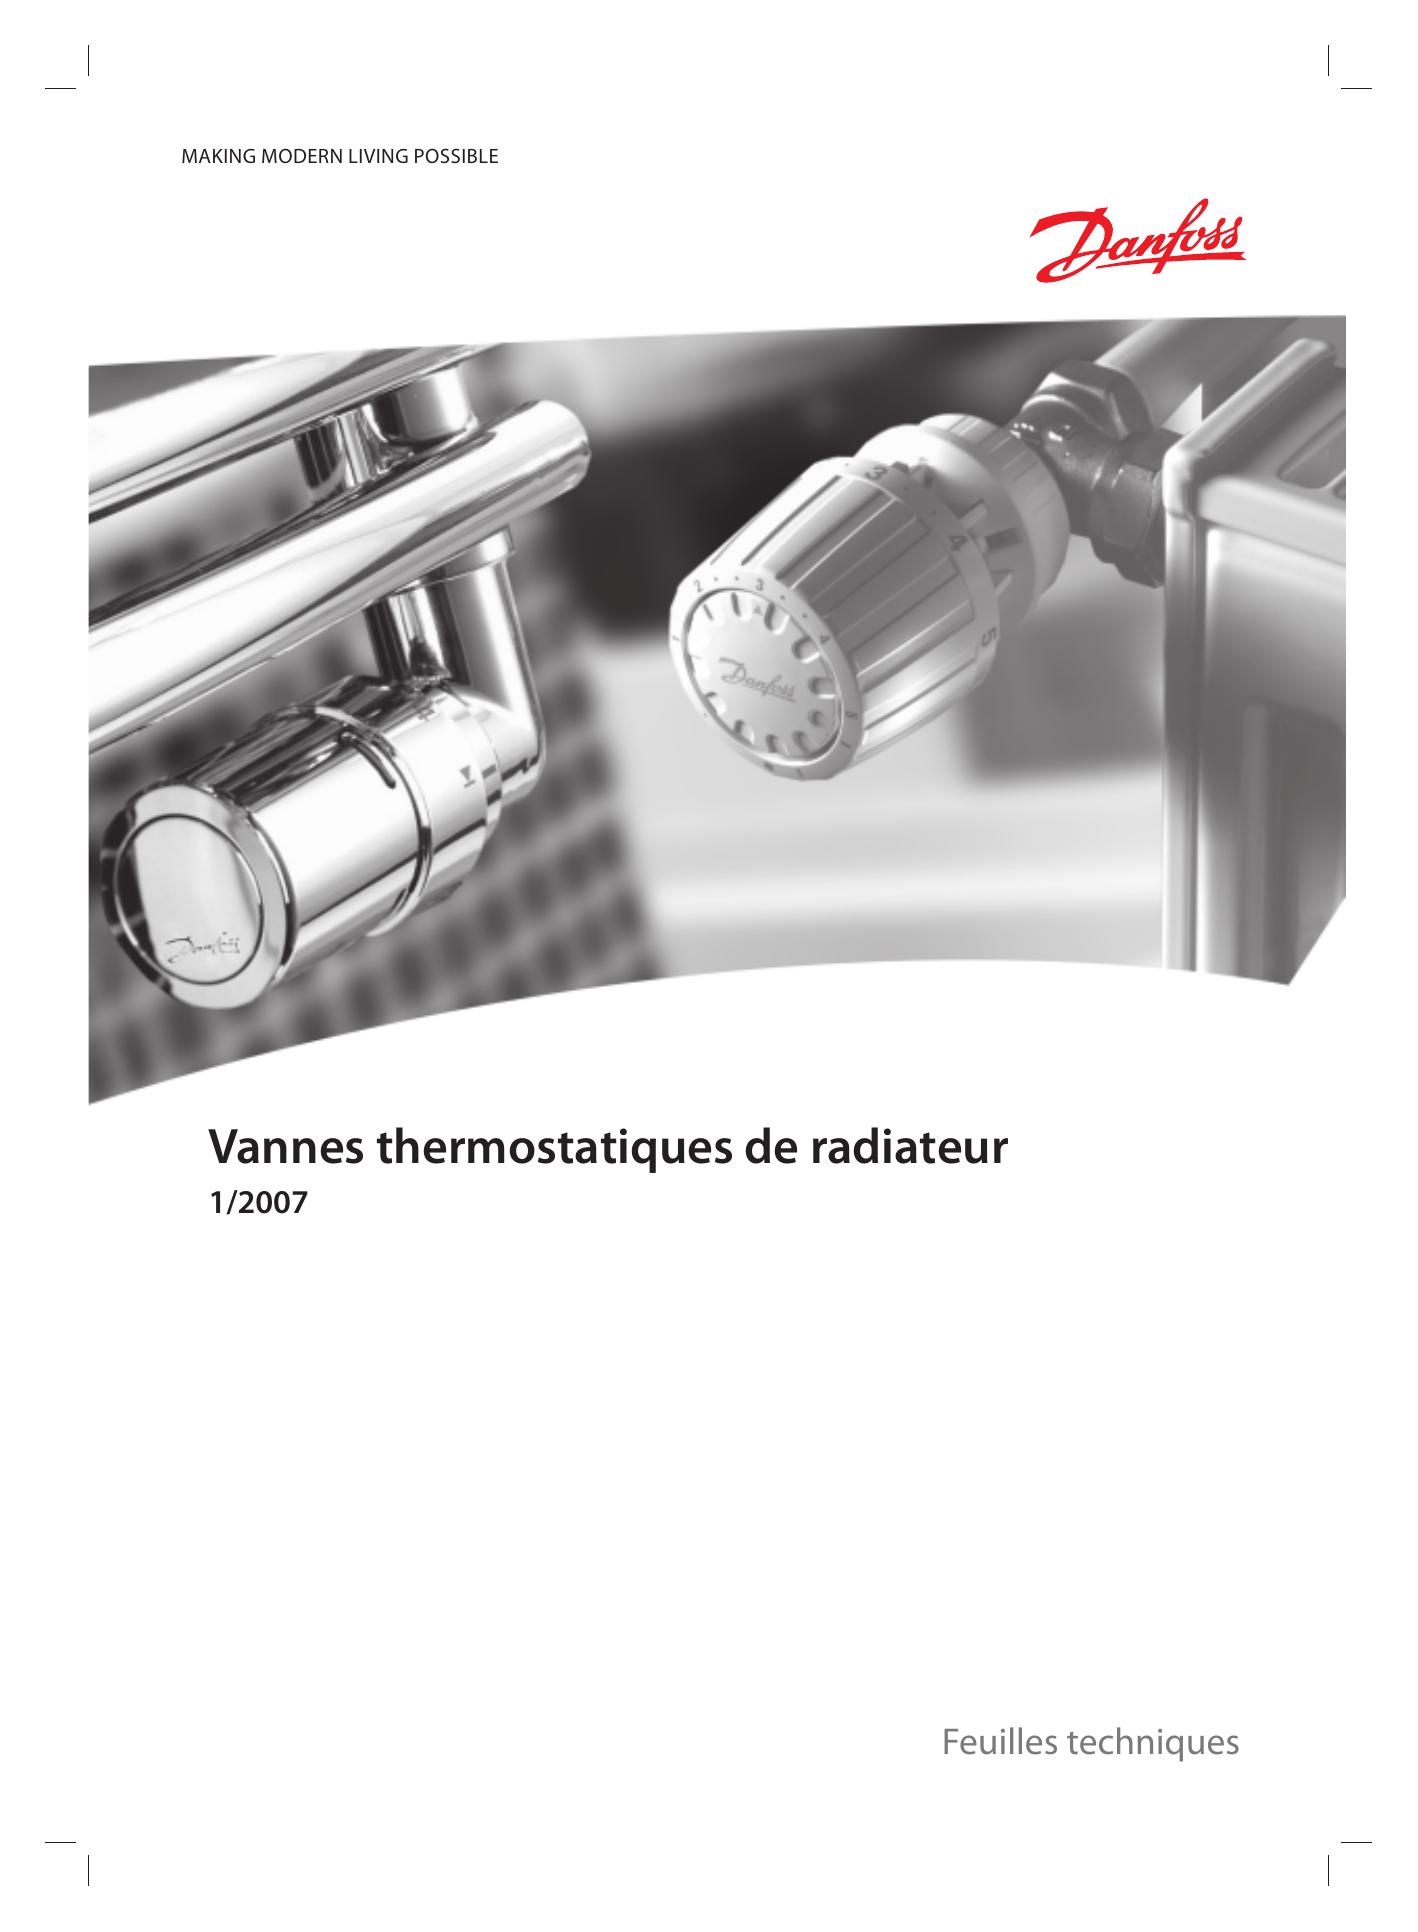 Vannes Thermostatiques De Radiateur | Manualzz encequiconcerne Changer Robinet Thermostatique Sans Vidanger